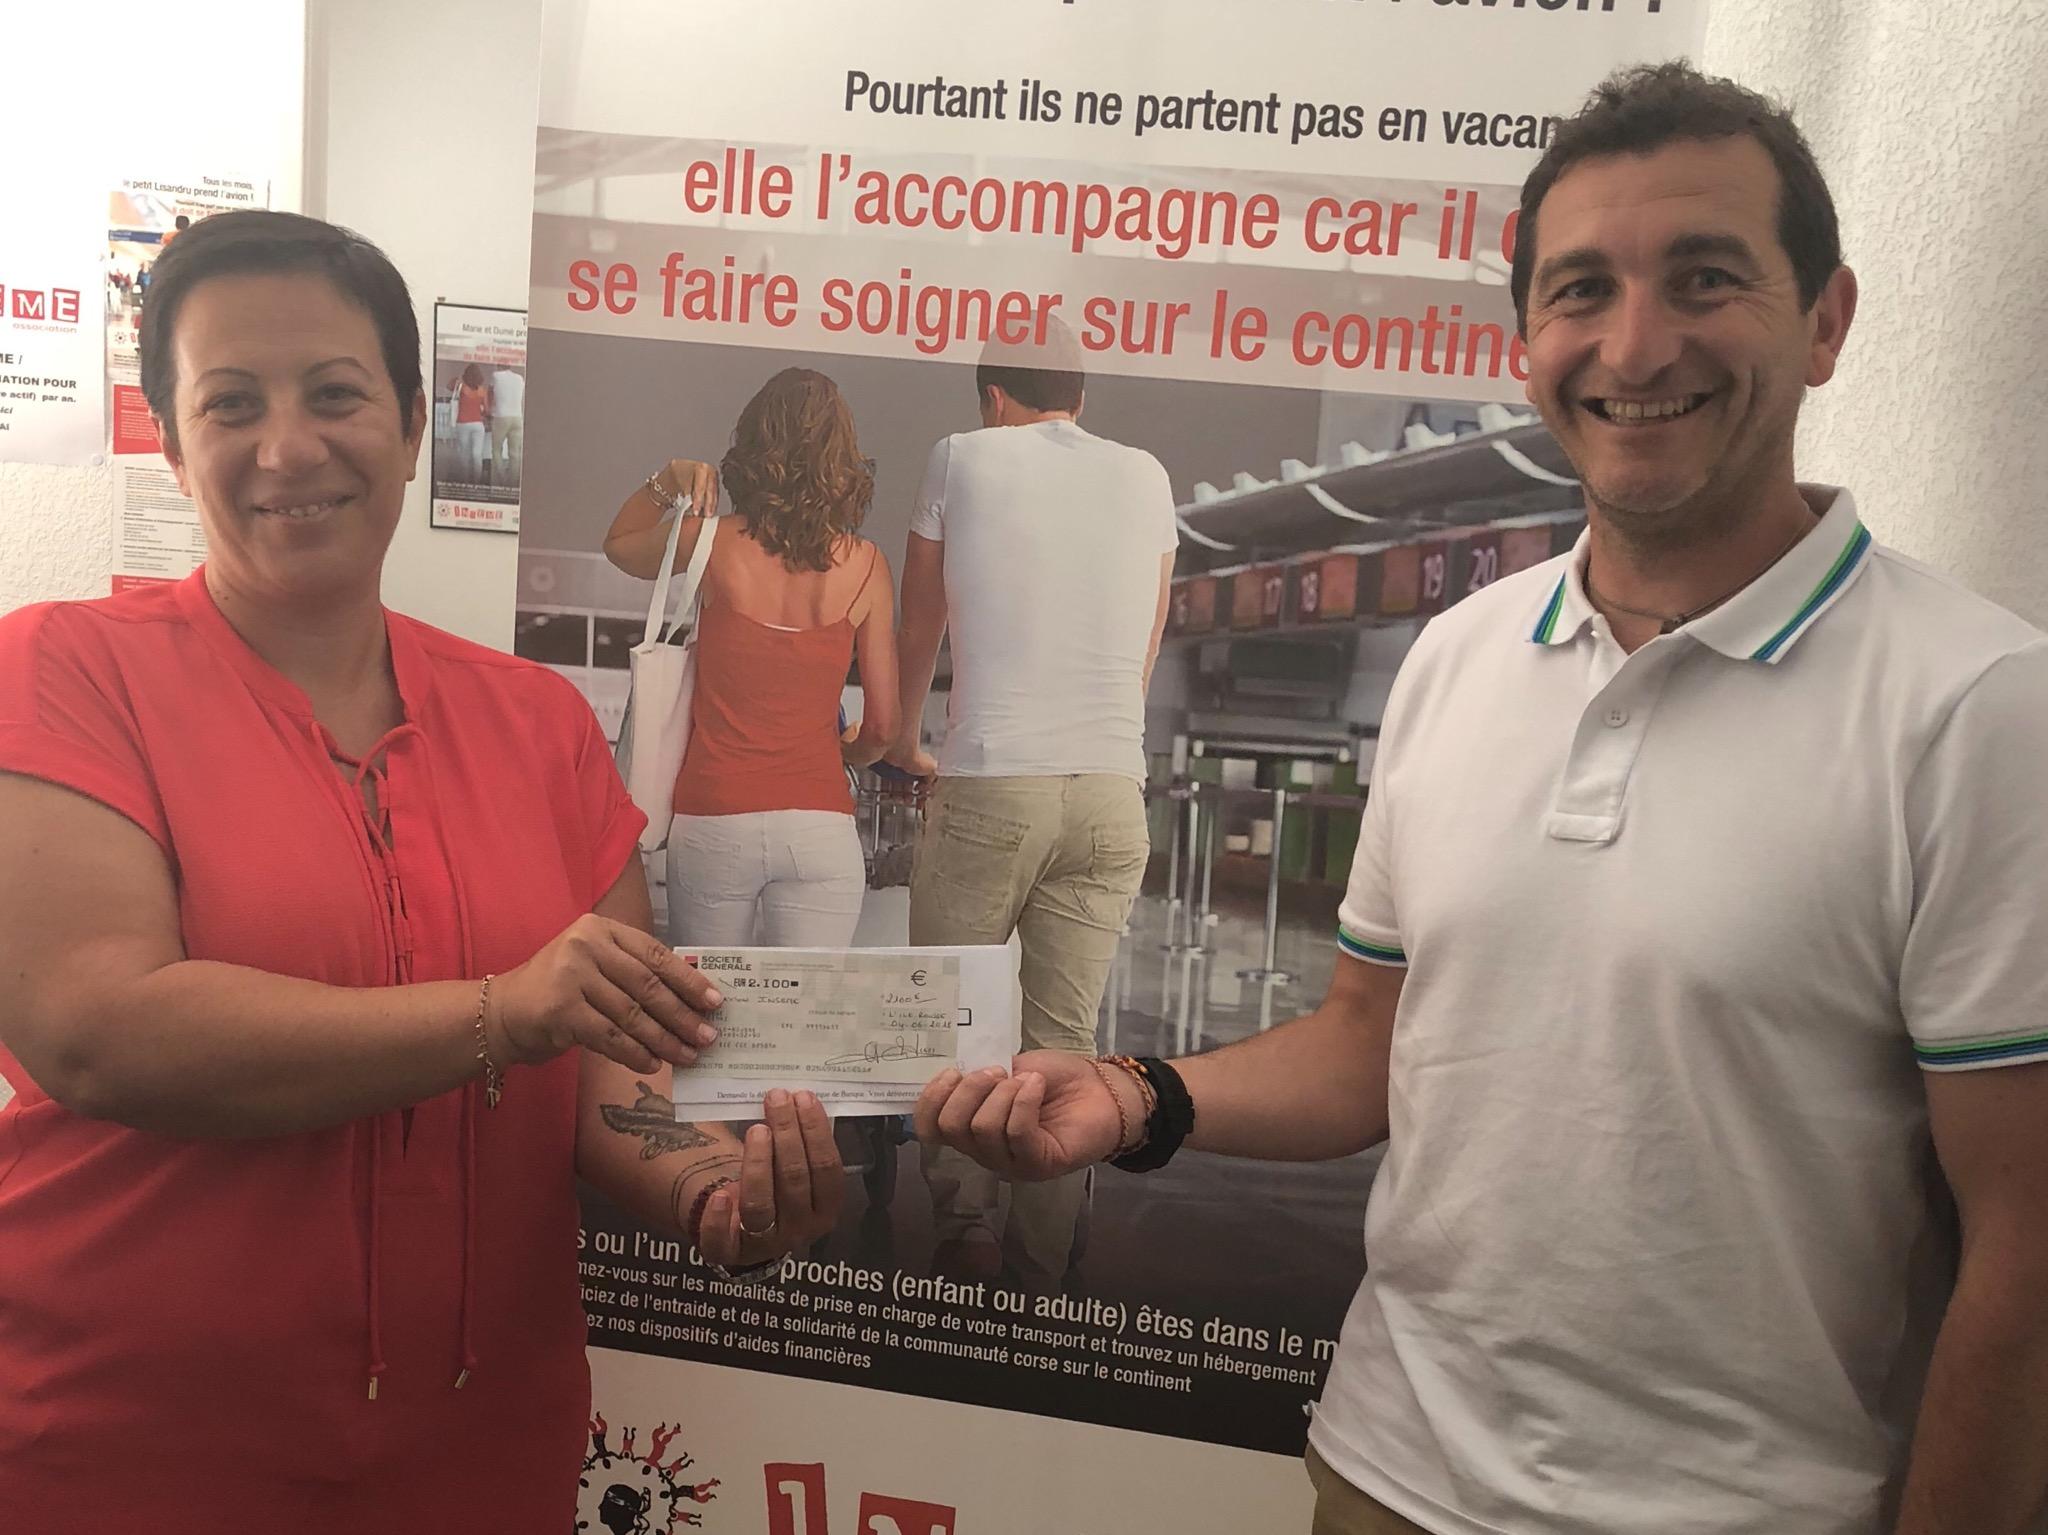 Chjassi di a salute  : 2 230 euros pour Inseme